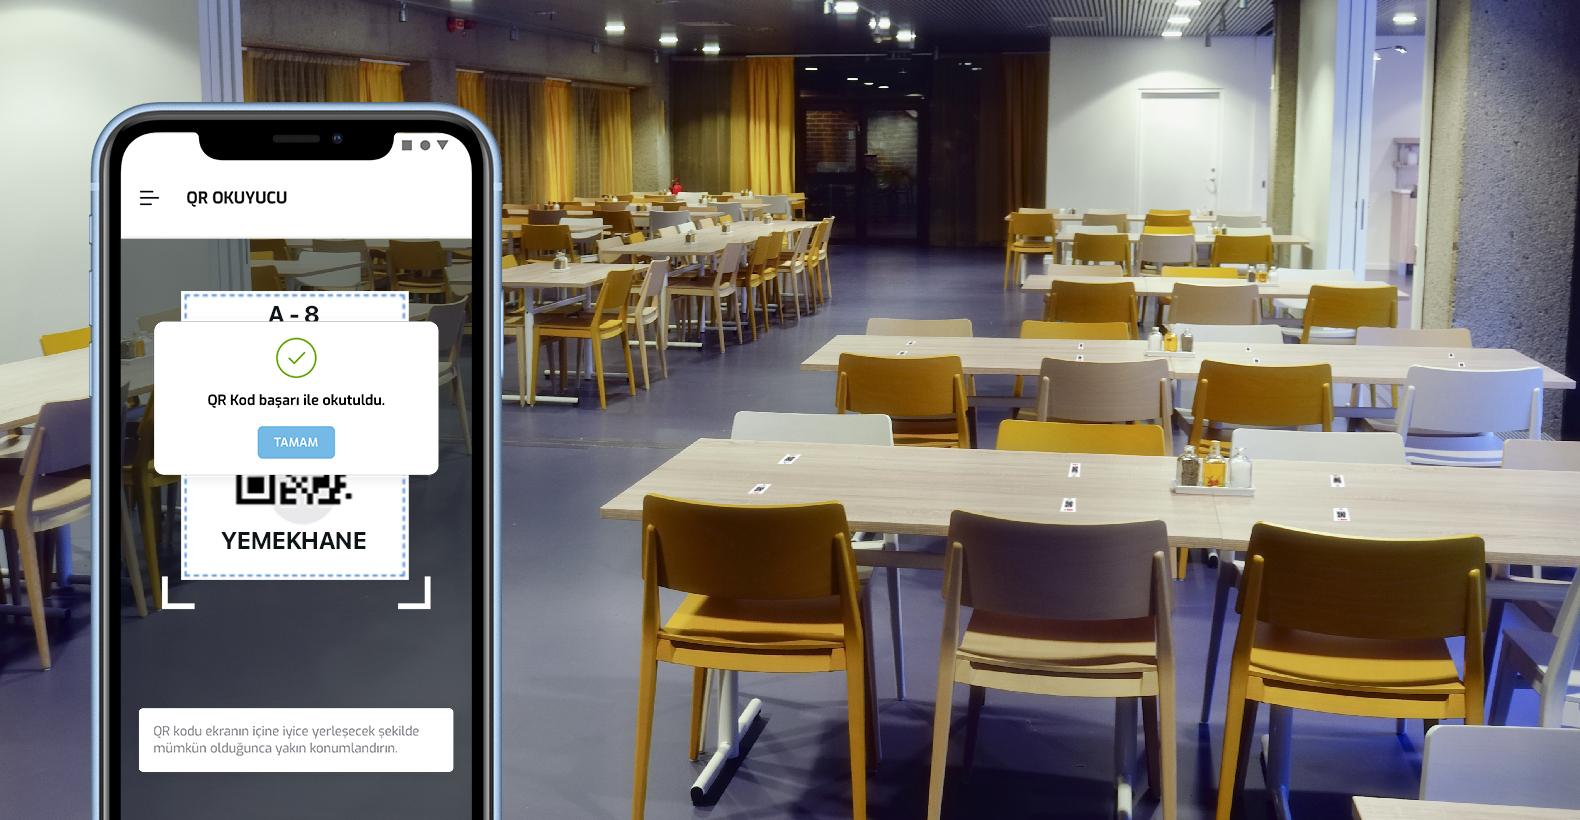 Yemekhane - Eğitim ve Toplantı Salonları İçin QR Barkod Uygulaması